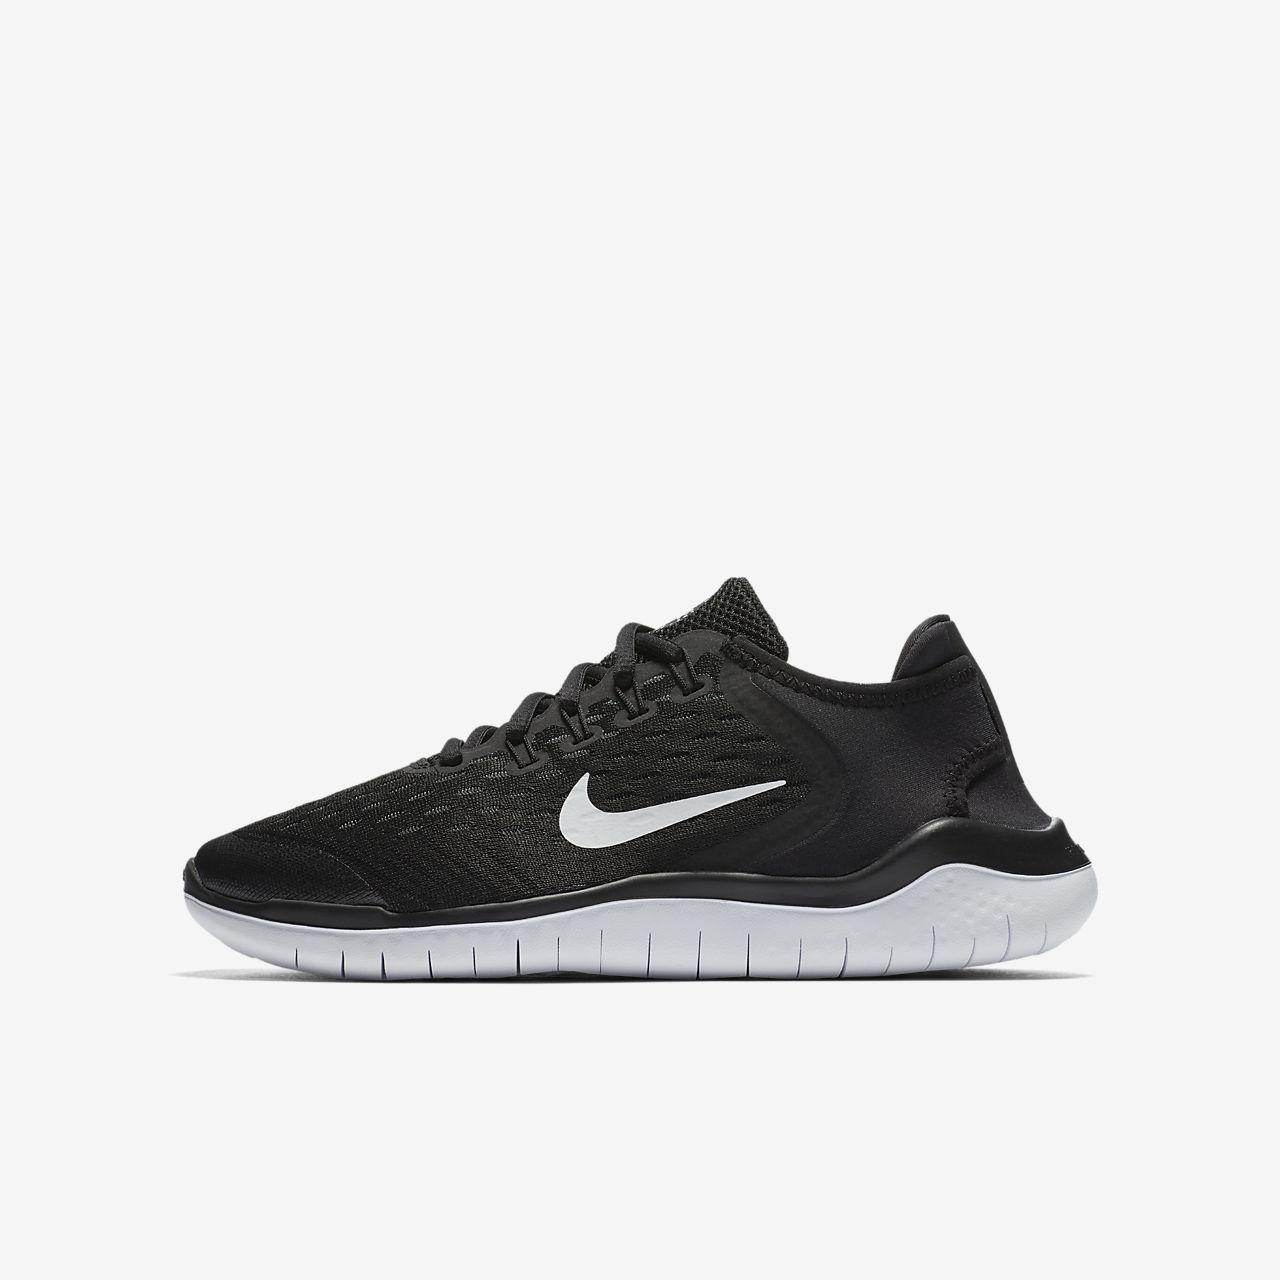 498d9263492 Nike Free RN 2018 Big Kids Running Shoe ...